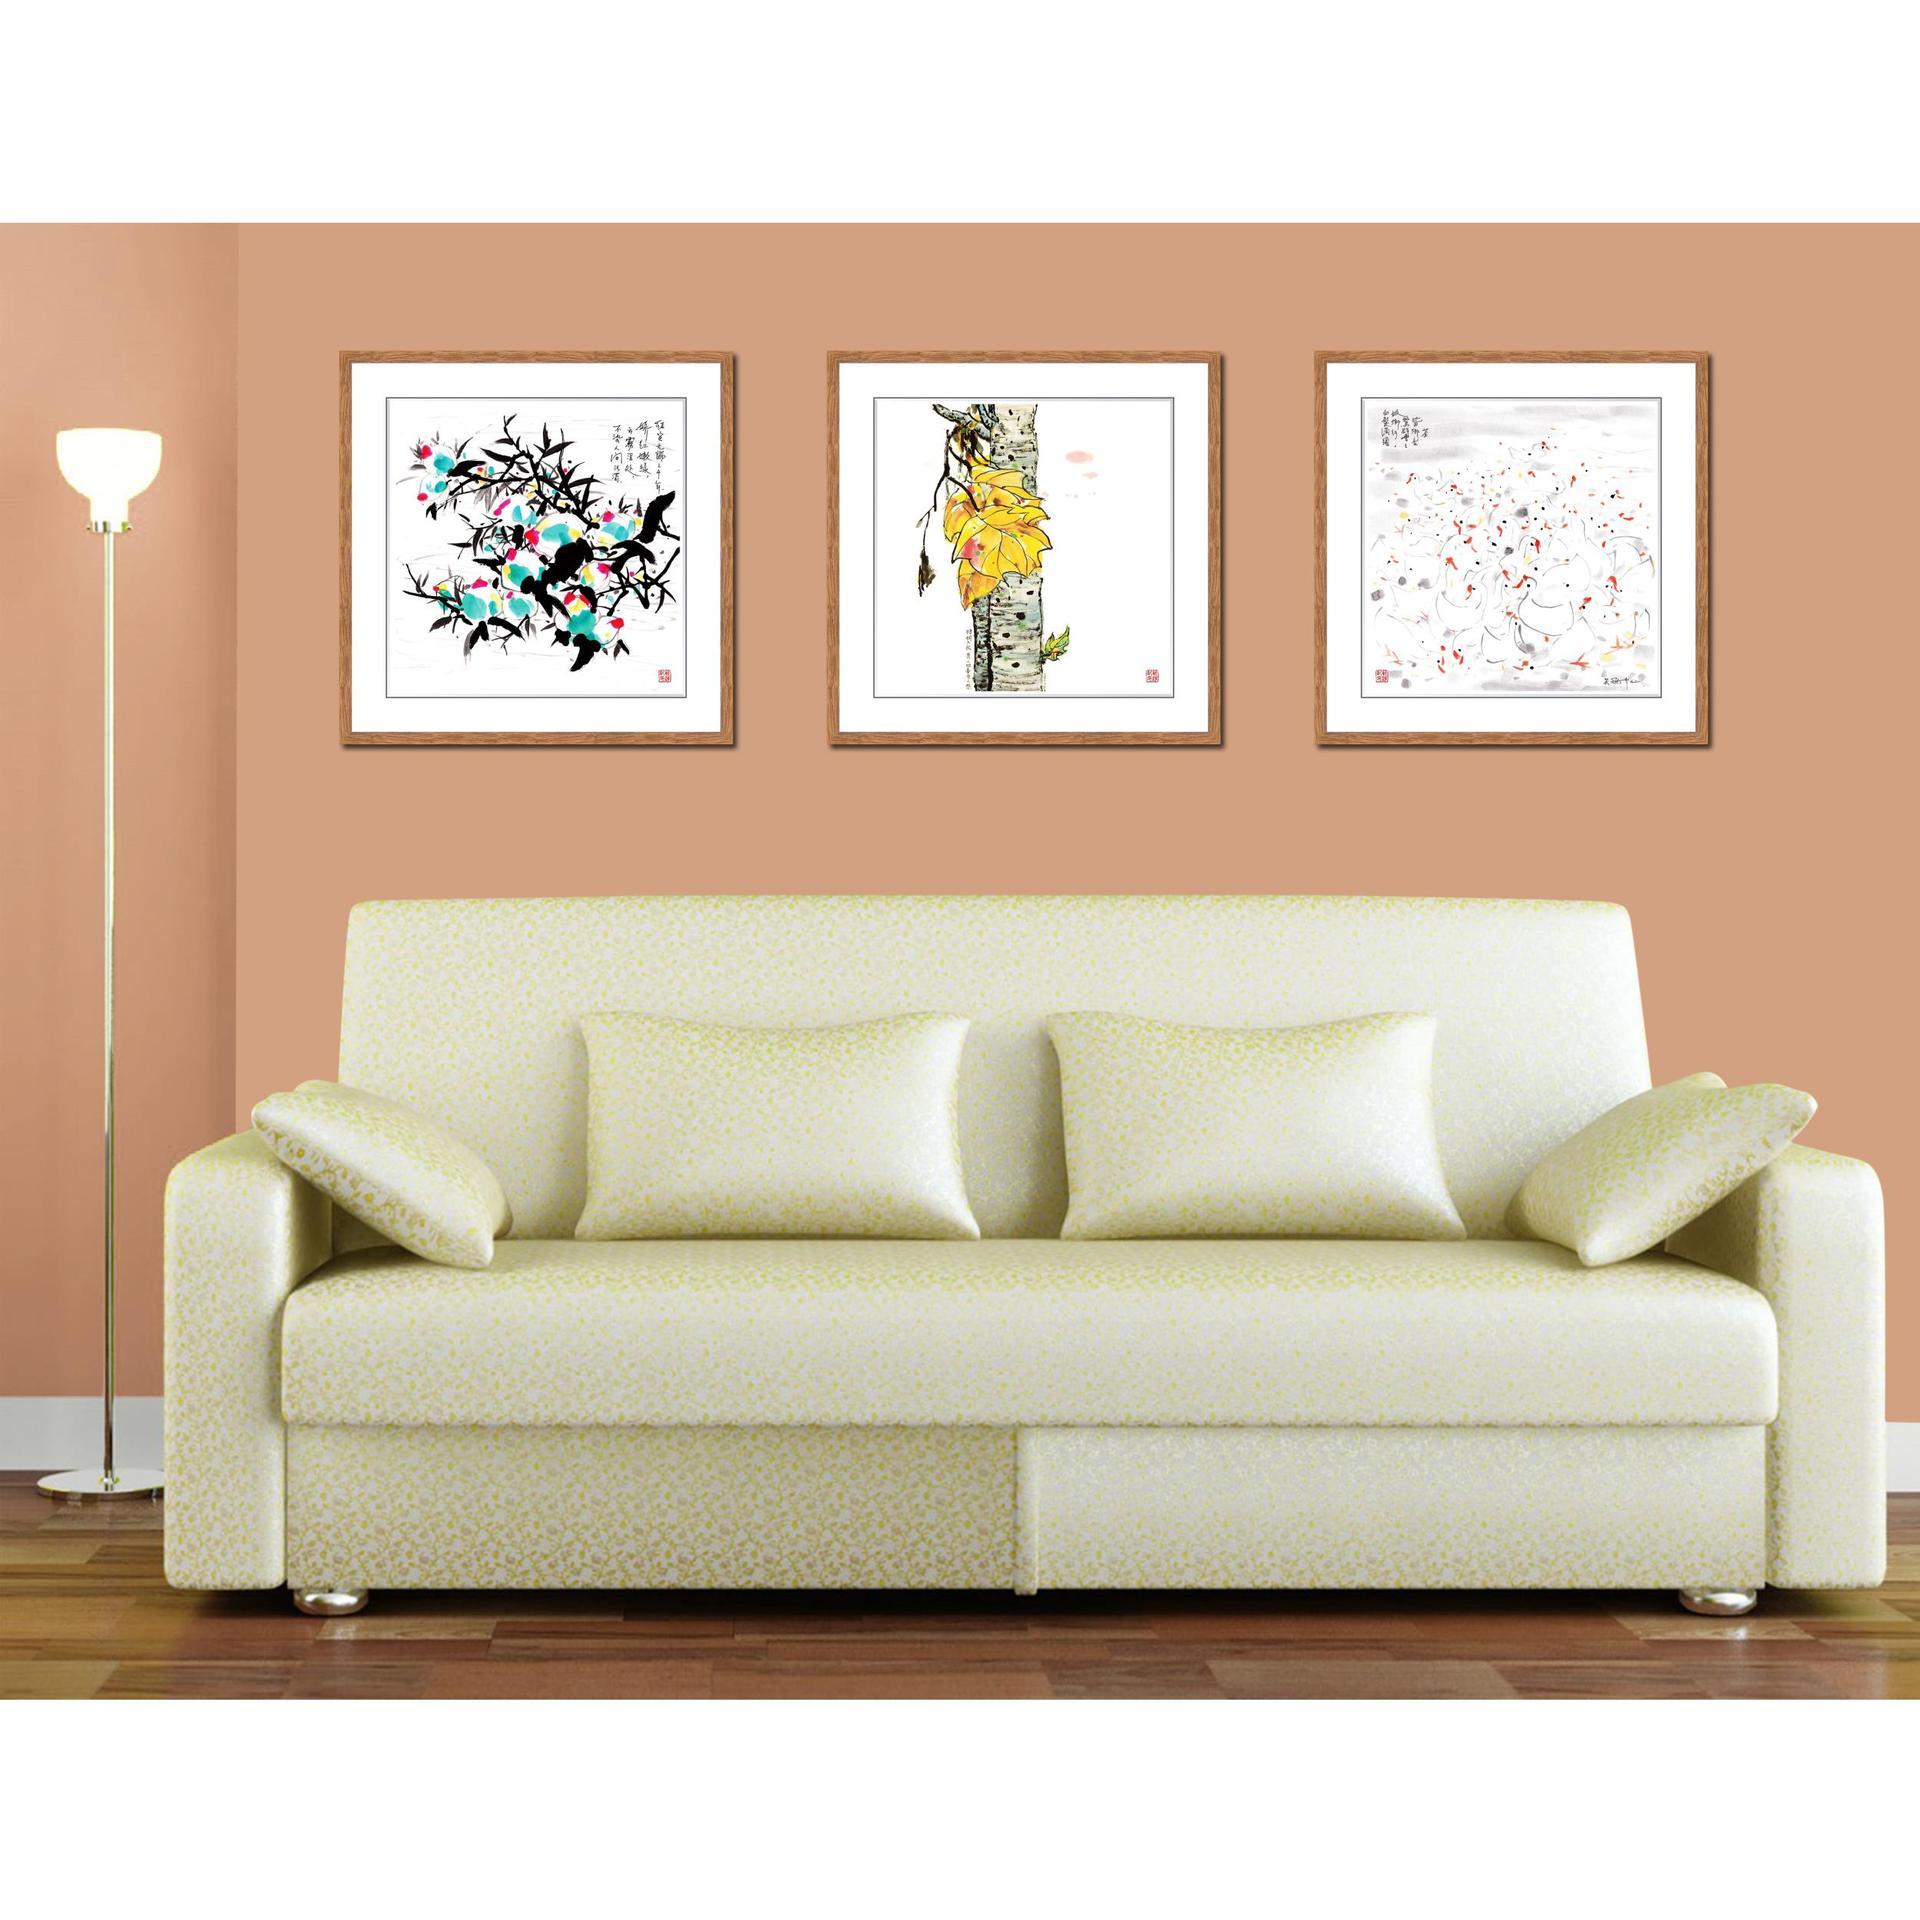 瓷浮记新中式客厅装饰画沙发背景墙瓷板画餐厅挂画瓷